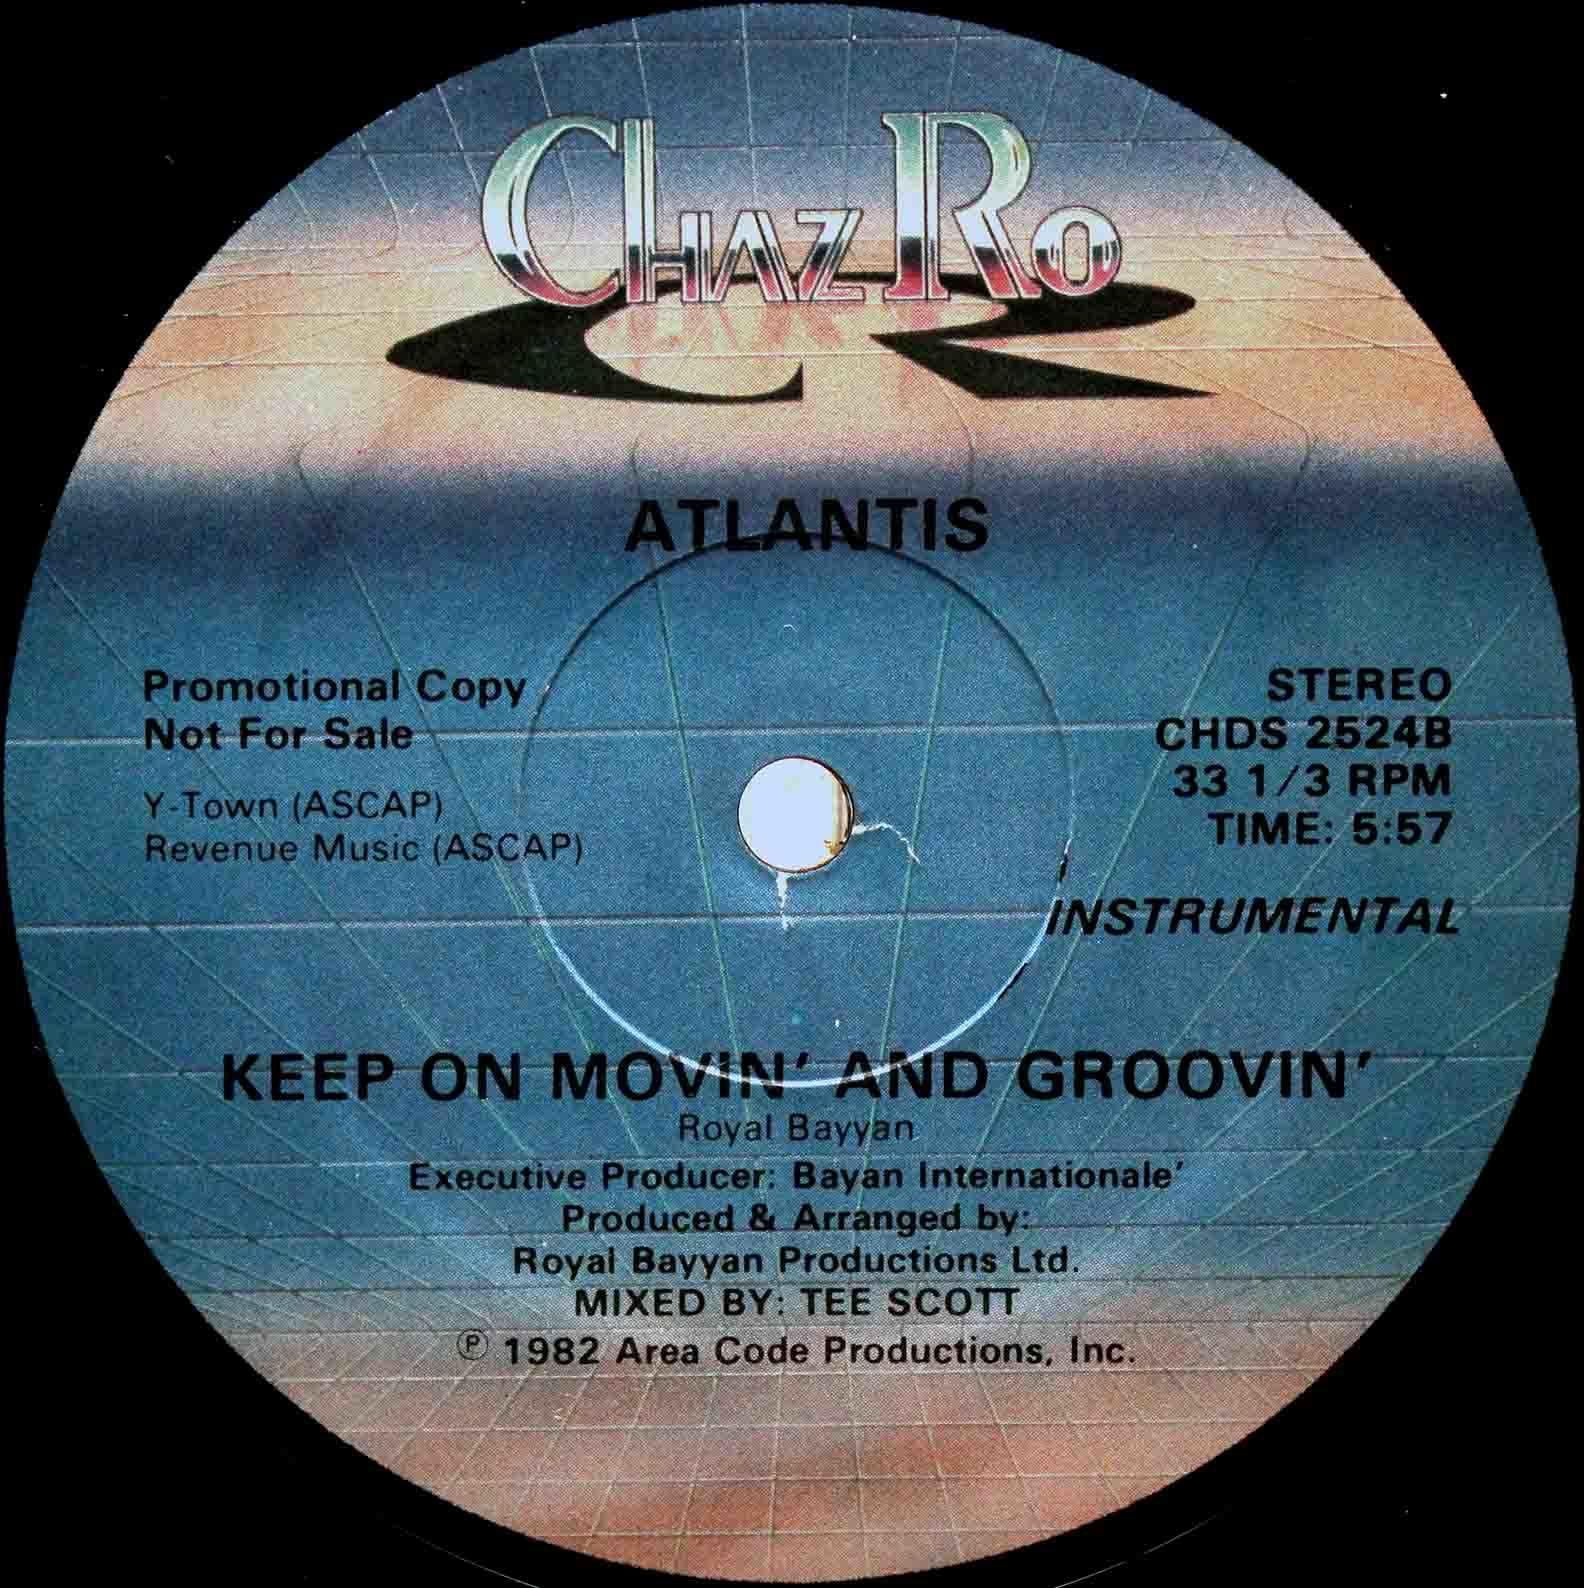 Atlantis – Keep On Movin And Groovin 04